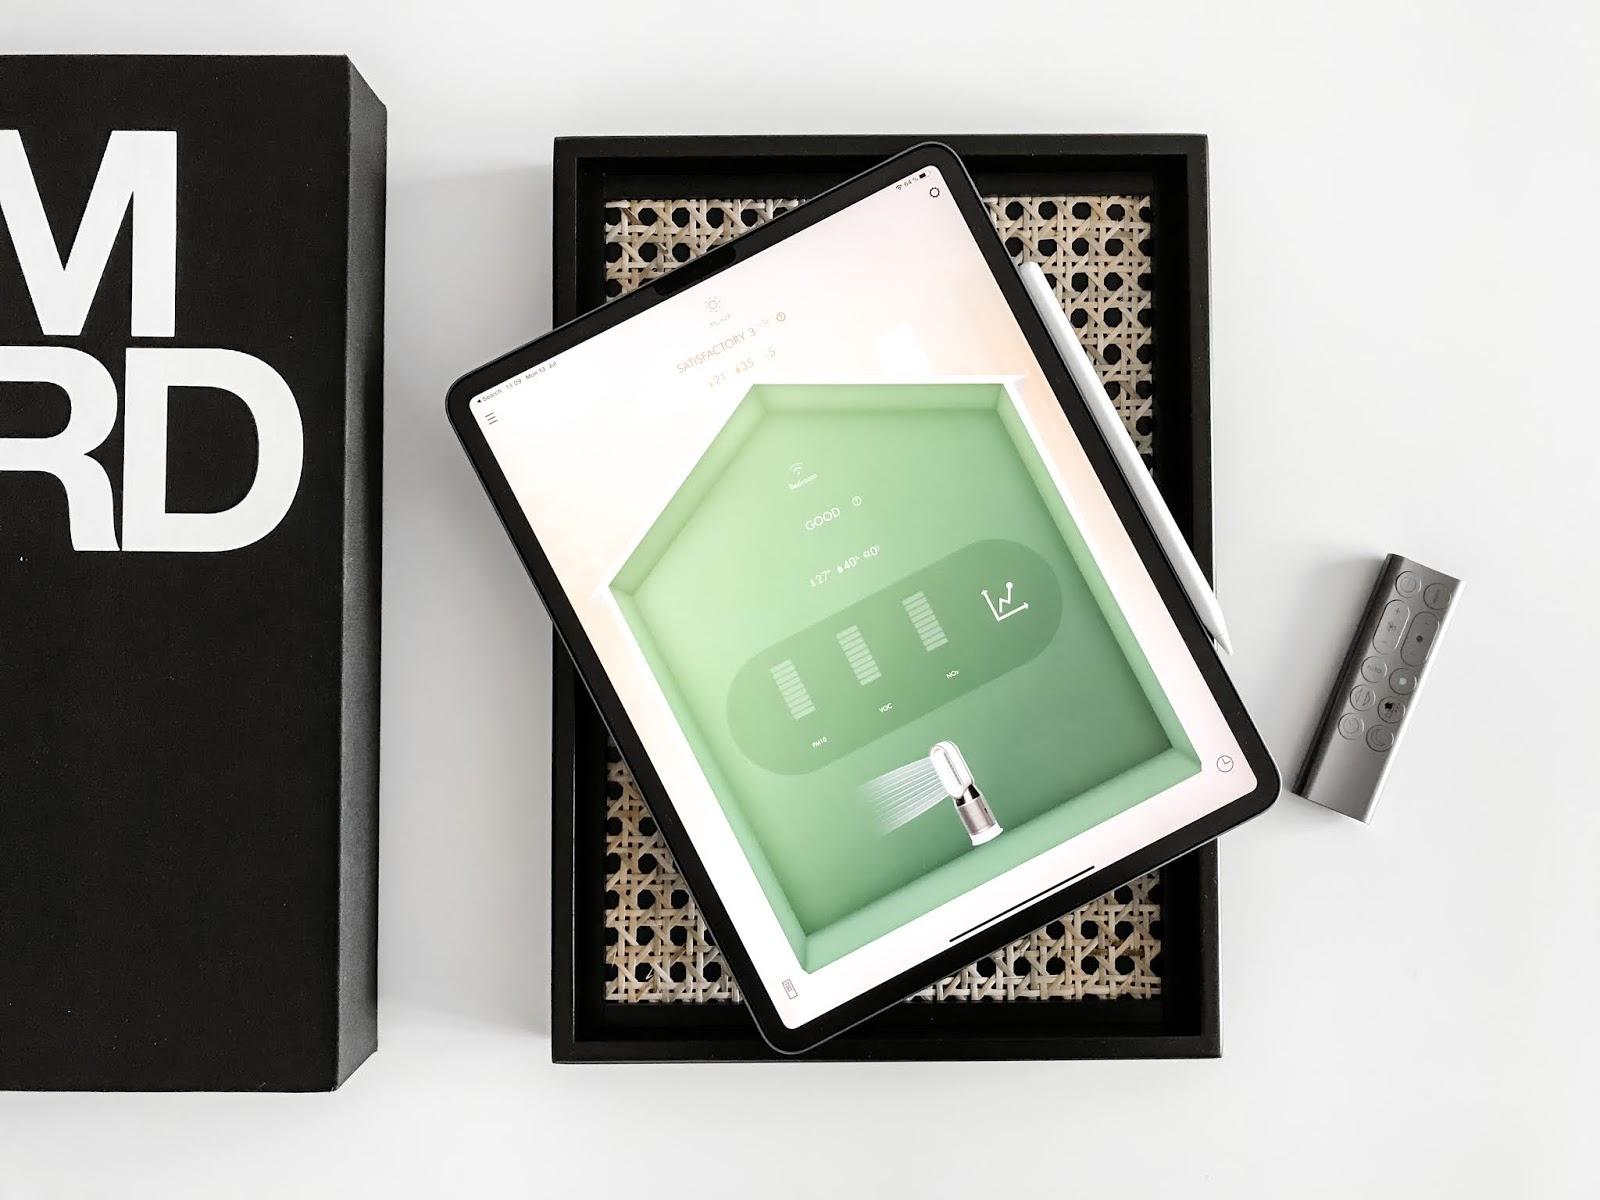 Dyson Humidify+Cool iPad App